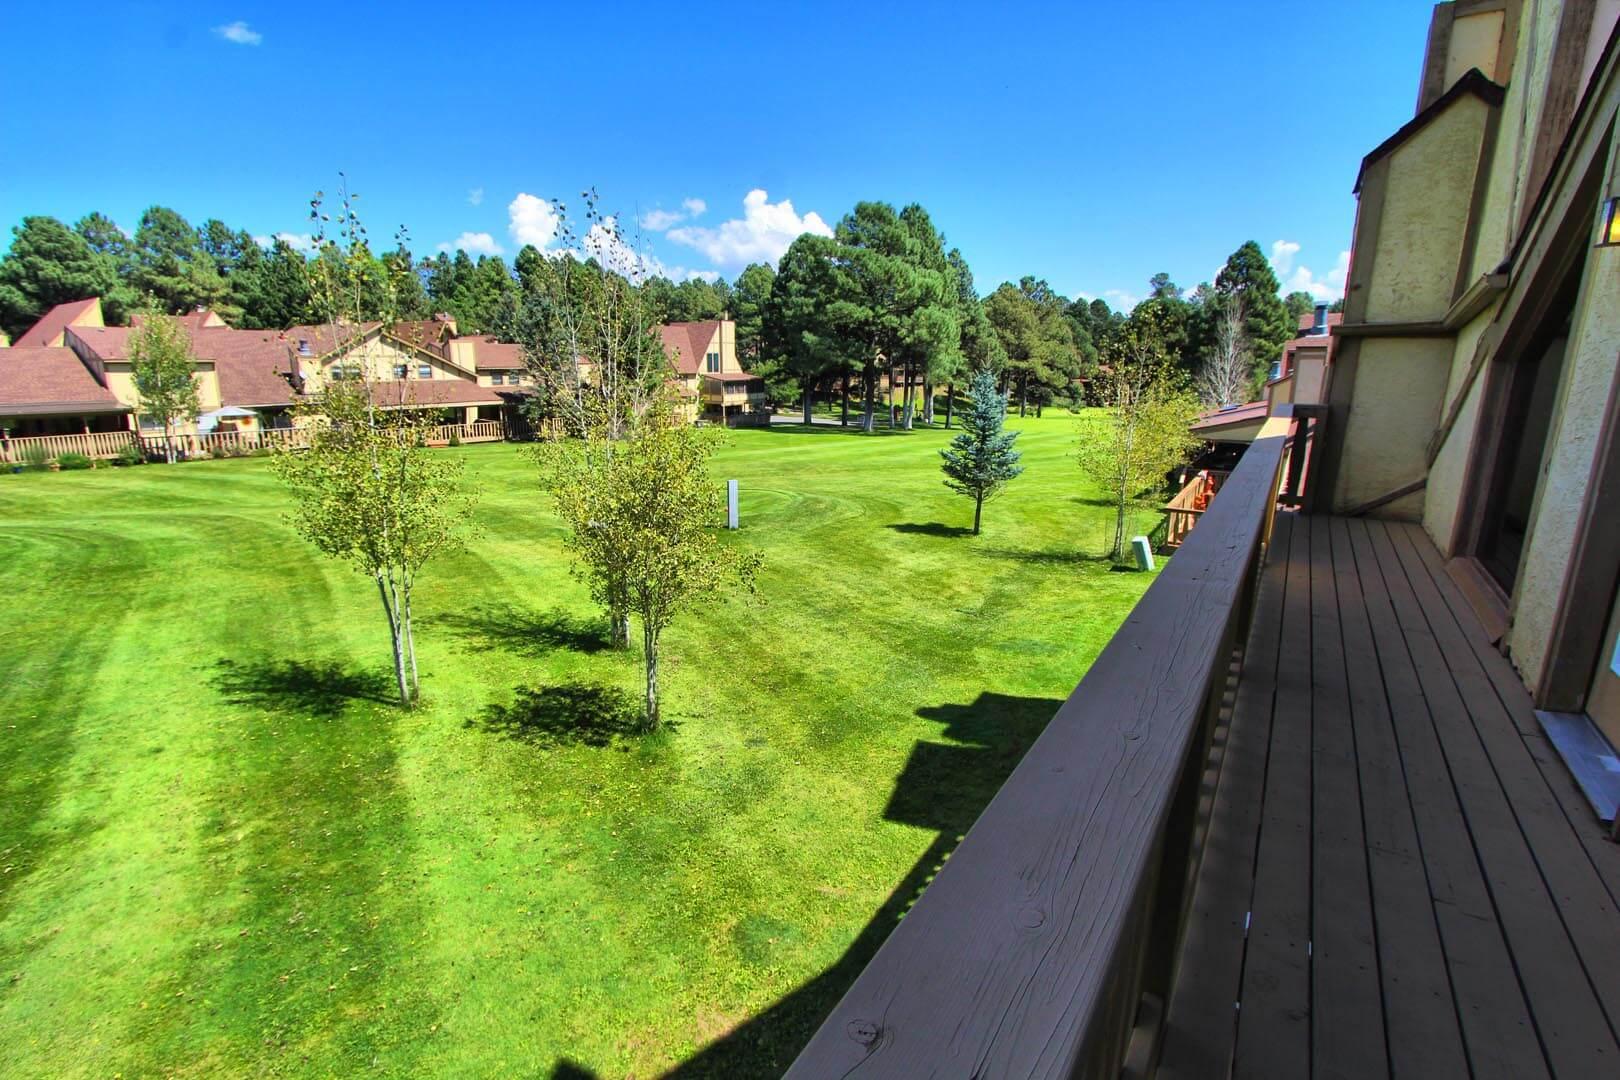 Innsbrooke Village Balcony View